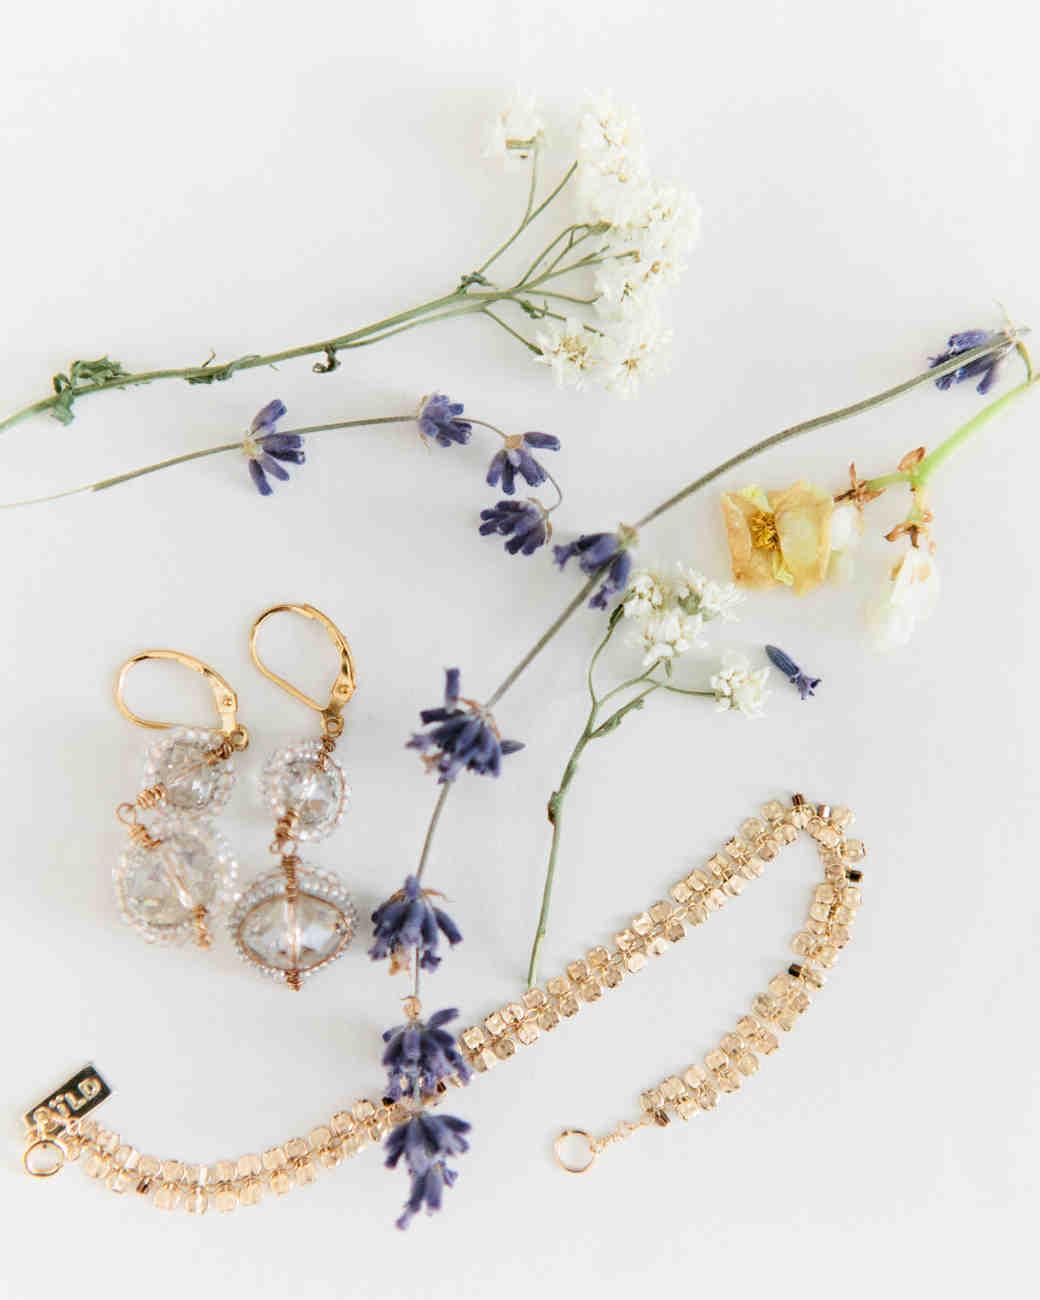 jola-tom-wedding-jewelry-0614.jpg